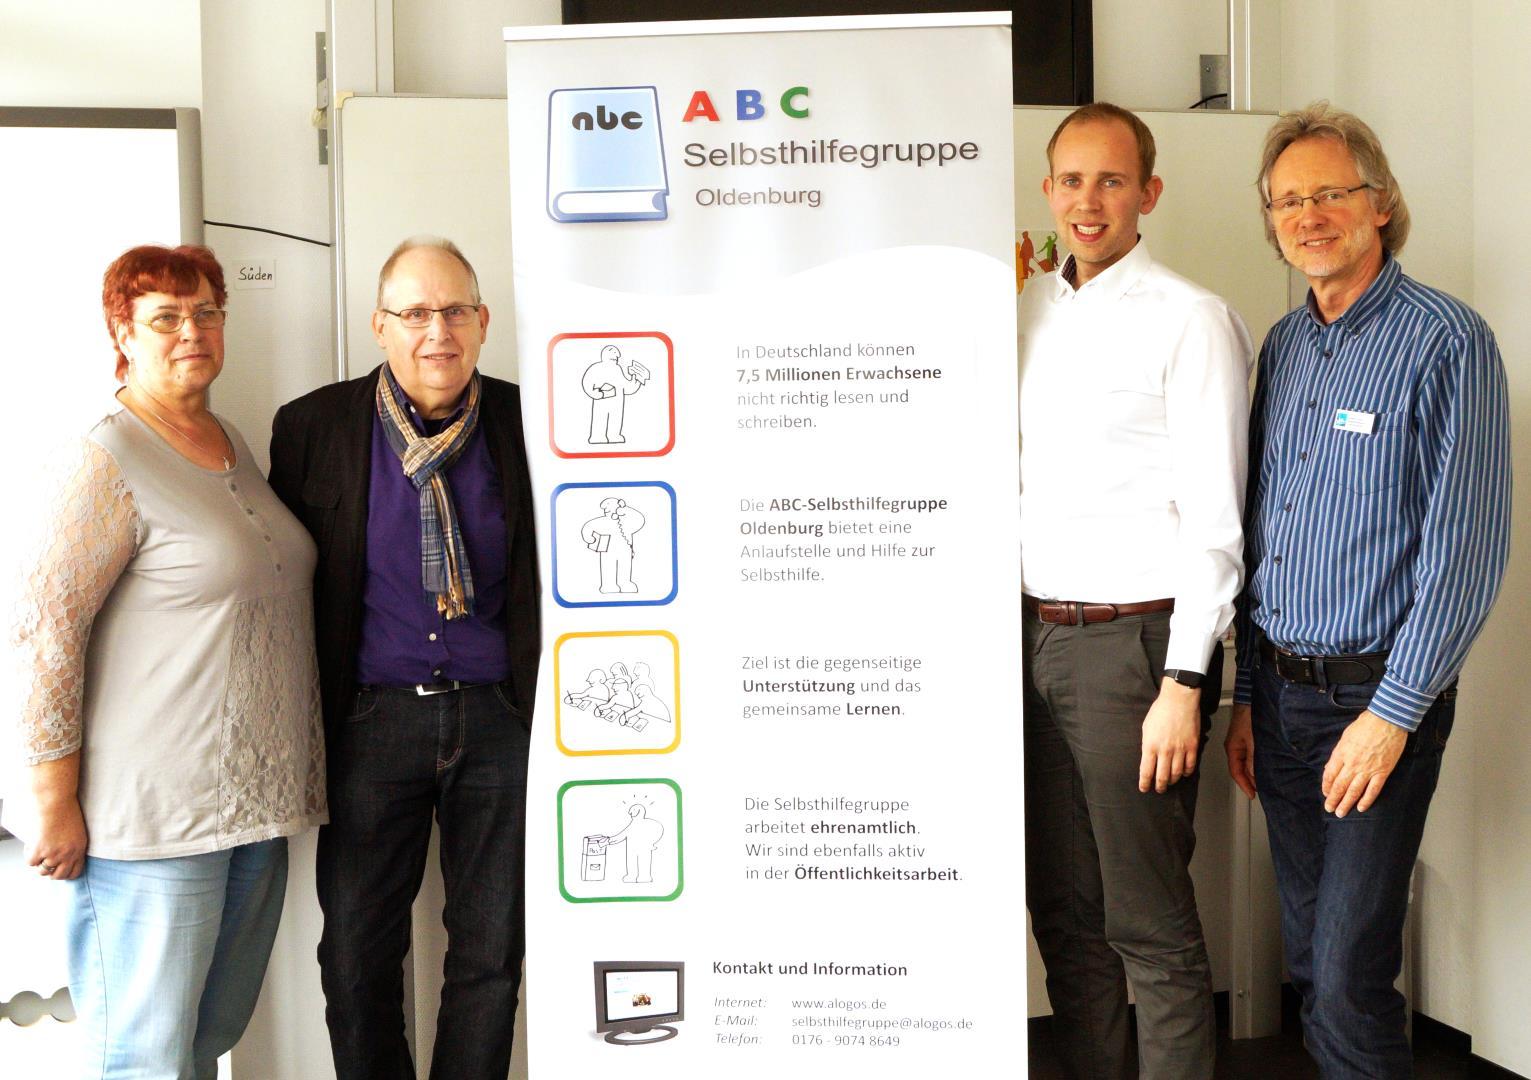 von li.: Bärbel Kitzing, Ernst Lorenzen, Dennis Rohde, Achim Scholz / Foto: Katharina Nordenbrock